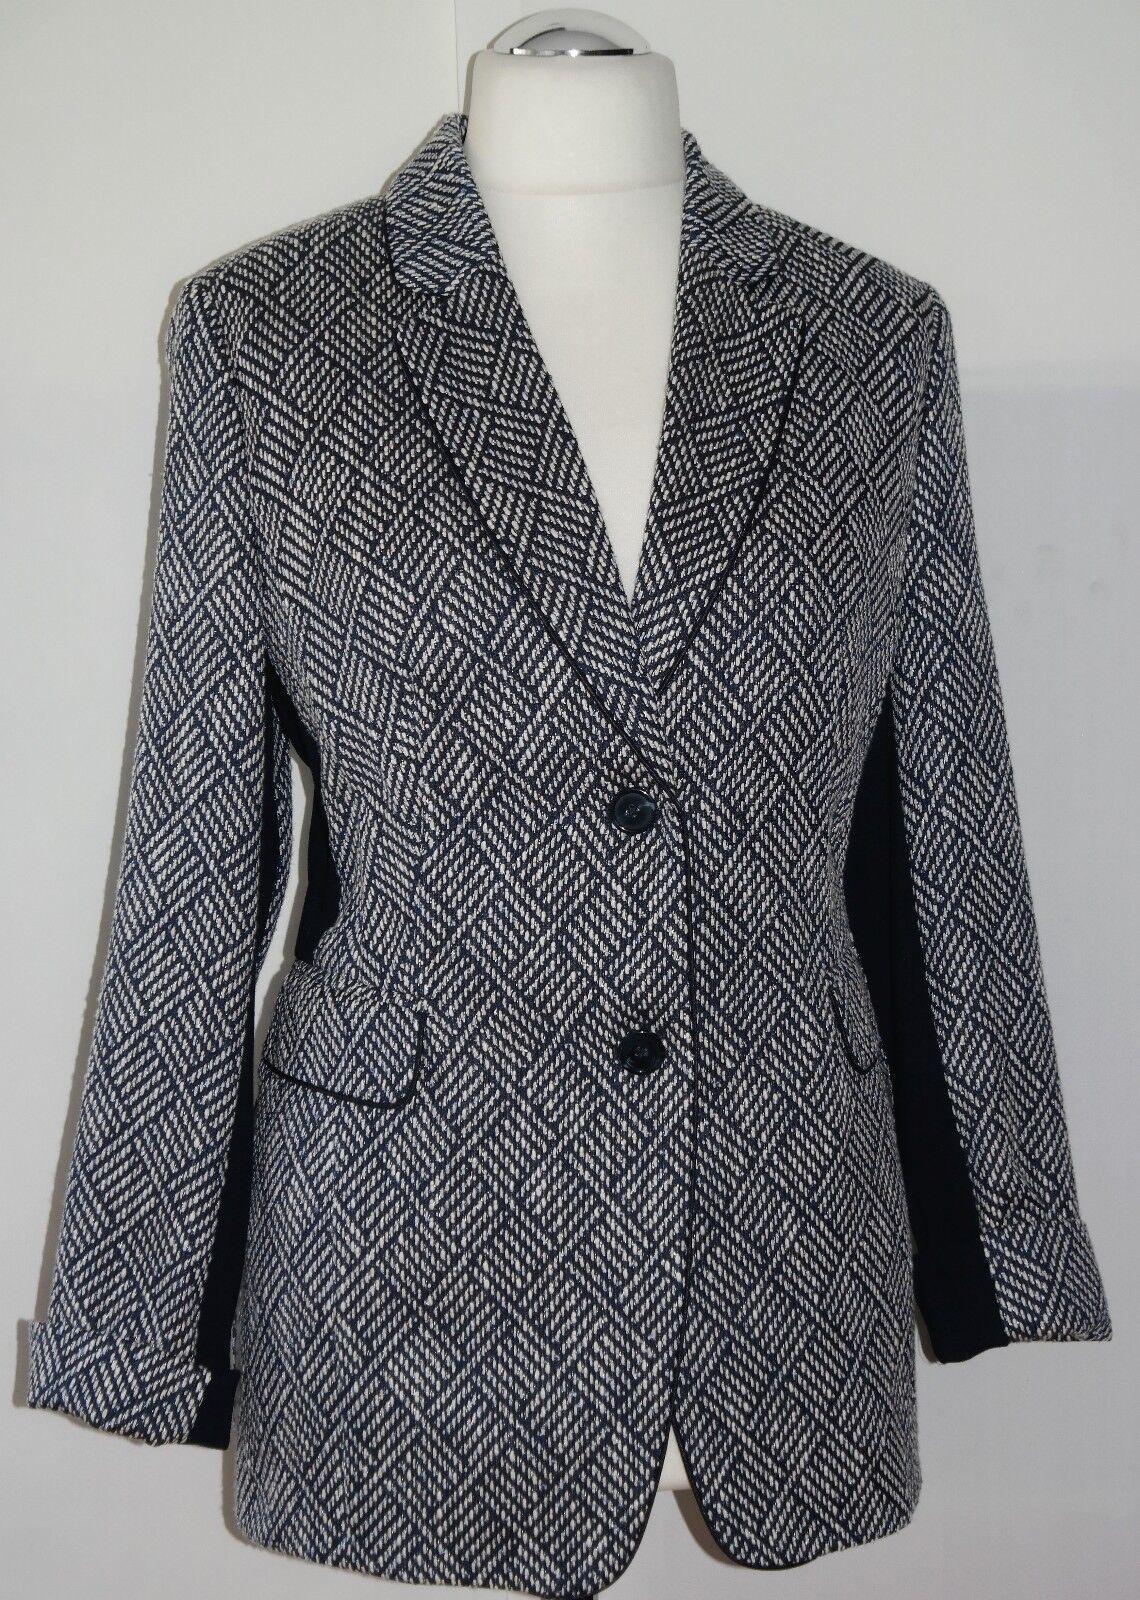 Edler Gerry Weber Damen Blazer Gr. 42 OVP  Jacke Damenblazer Damenjacke